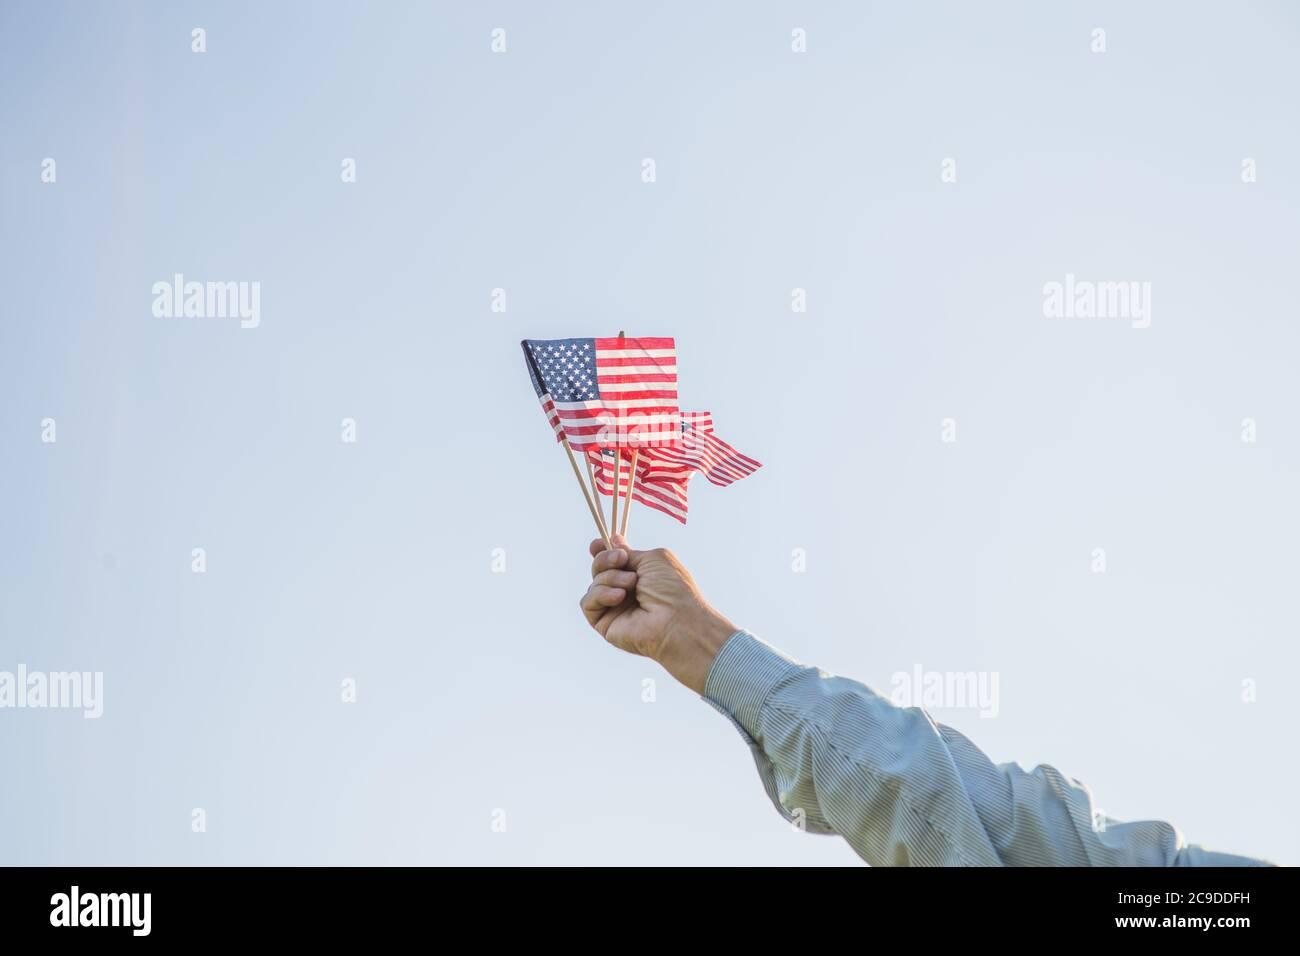 Un homme patriotique senior célèbre la journée de l'indépendance des états-unis le 4 juillet avec un drapeau national entre ses mains. La Journée de la Constitution et de la citoyenneté. National Gran Banque D'Images